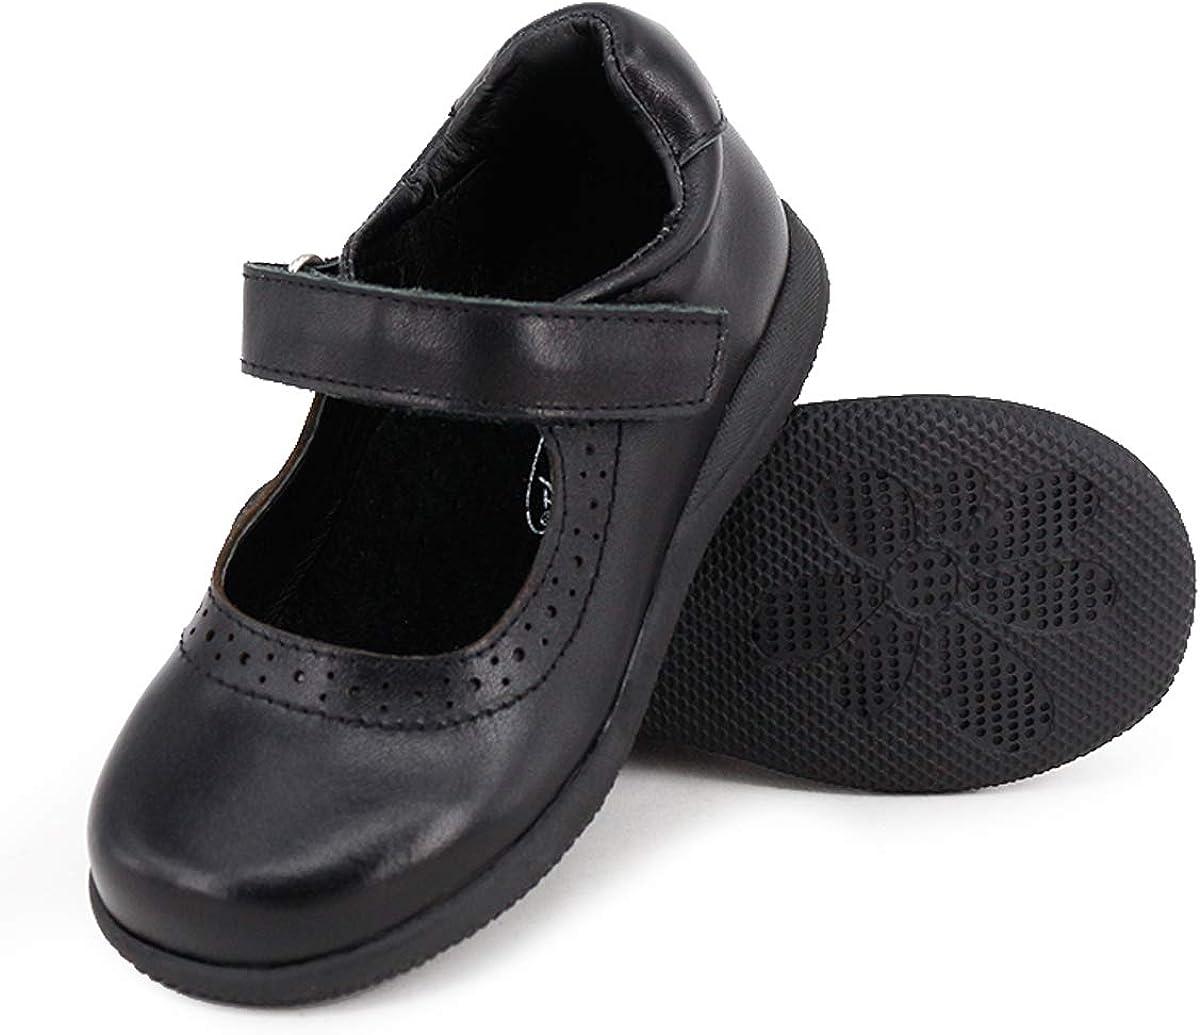 Noir Happystep Cuir veritable Uniforme Scolaire Chaussures Style Marie-Jeanne /à Babies Fille Dessus Cuir Souple